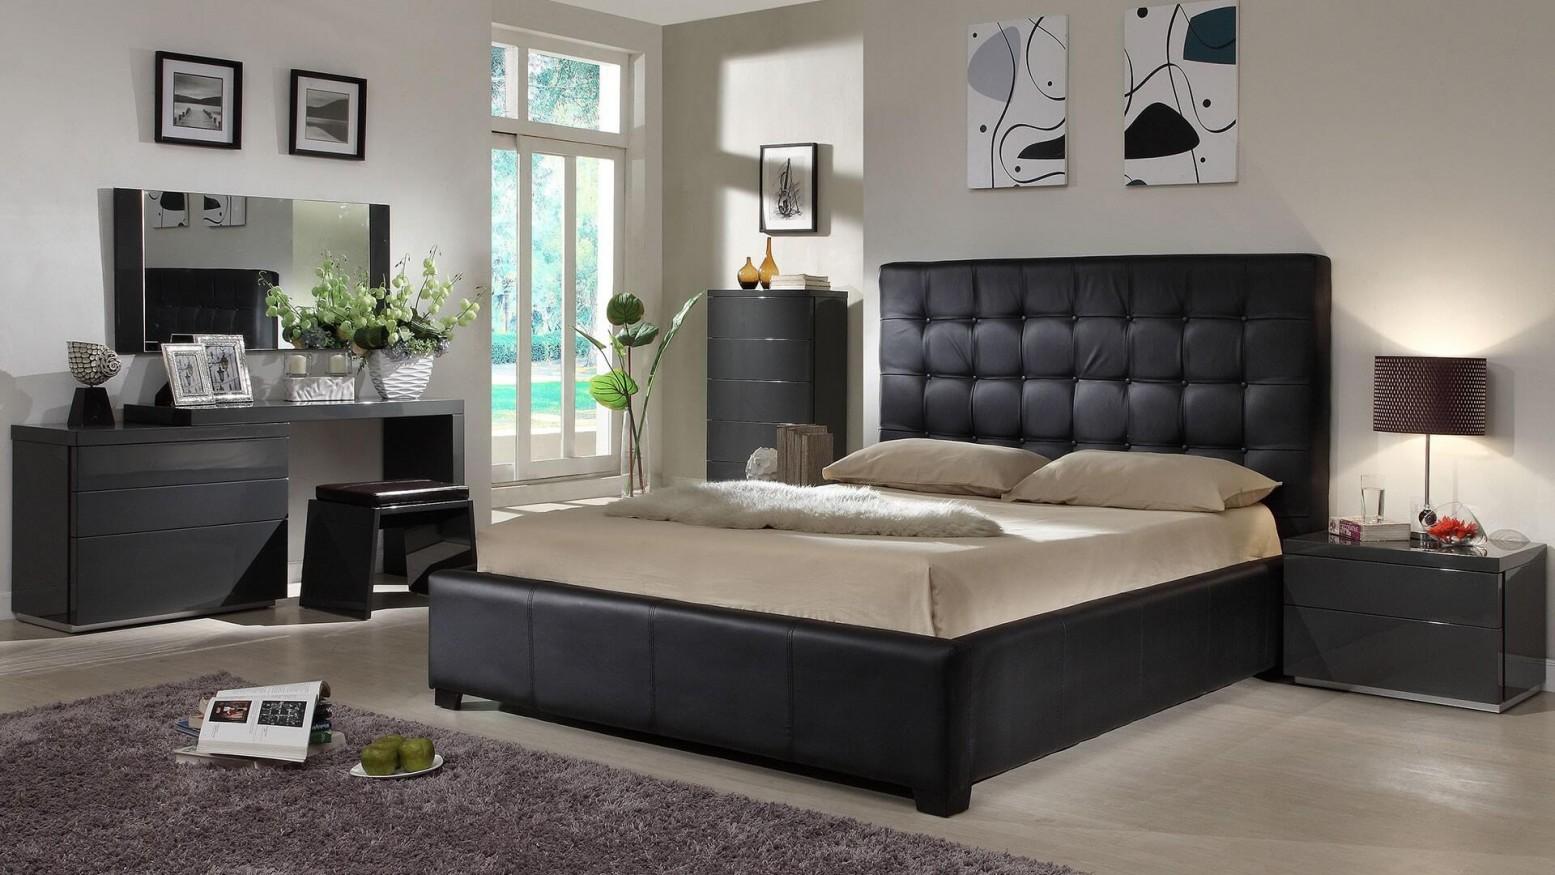 Athens 3-Piece Queen Size Bedroom Set, Black